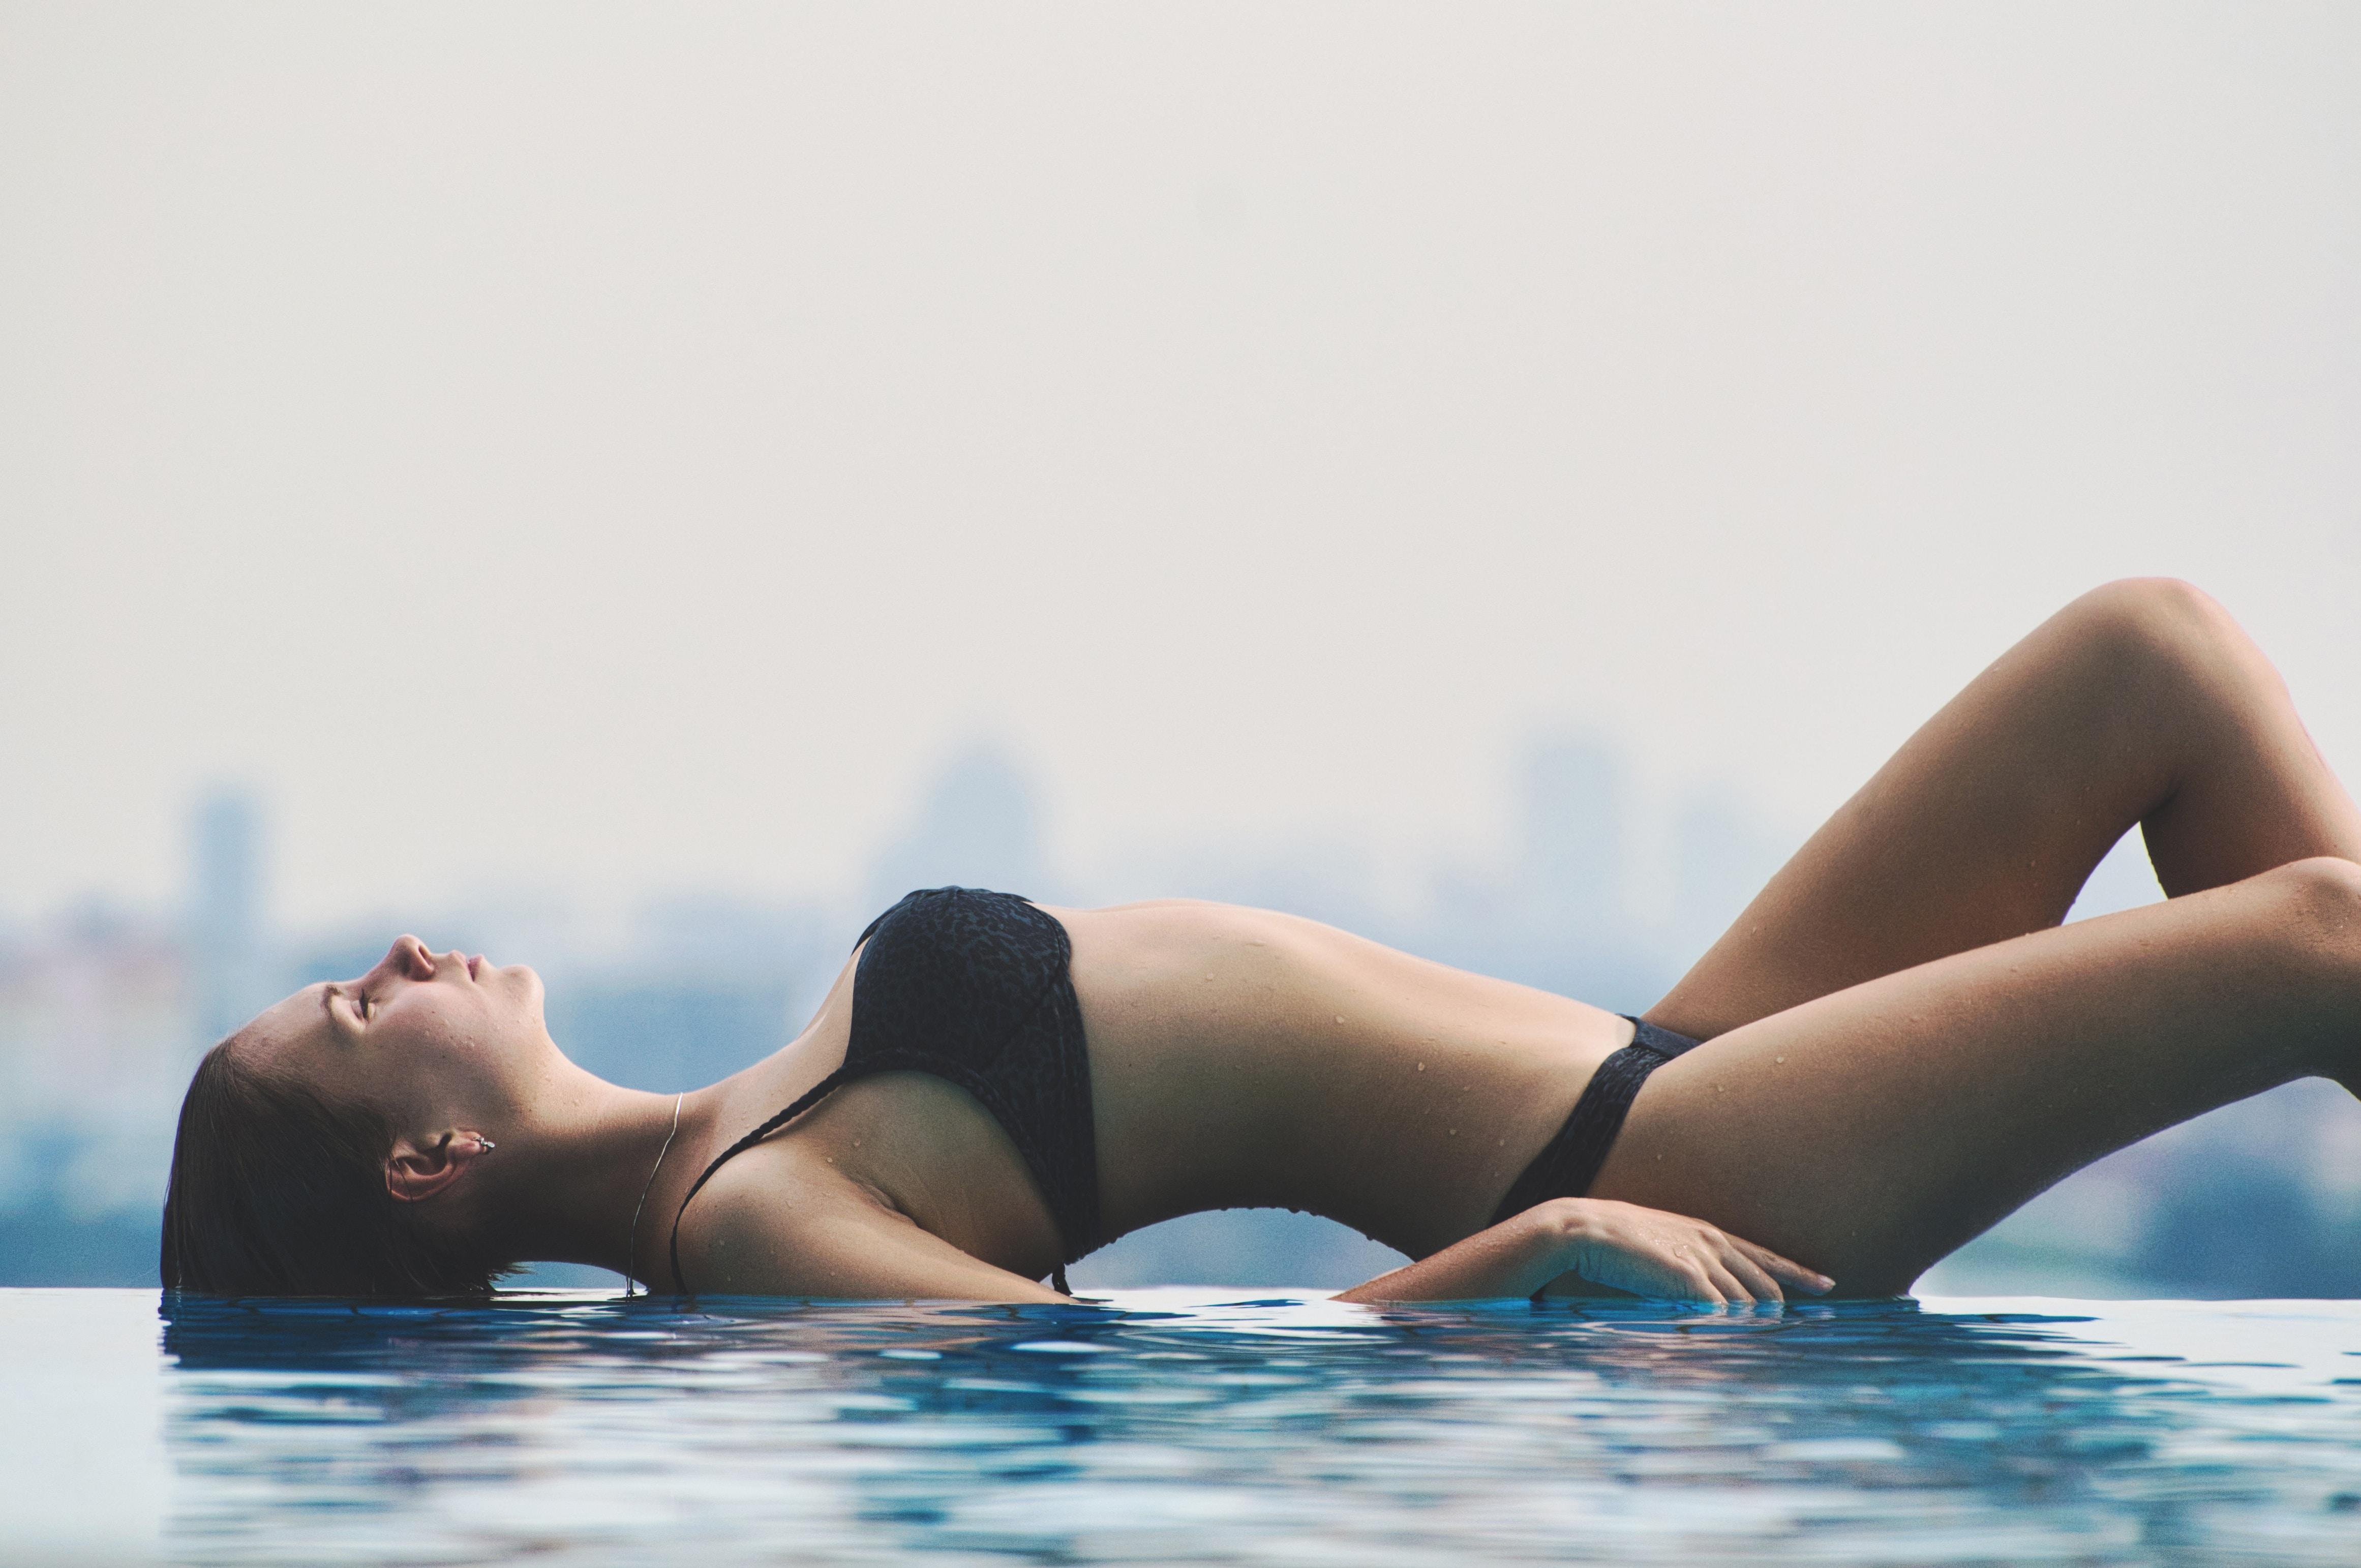 woman lying on pool